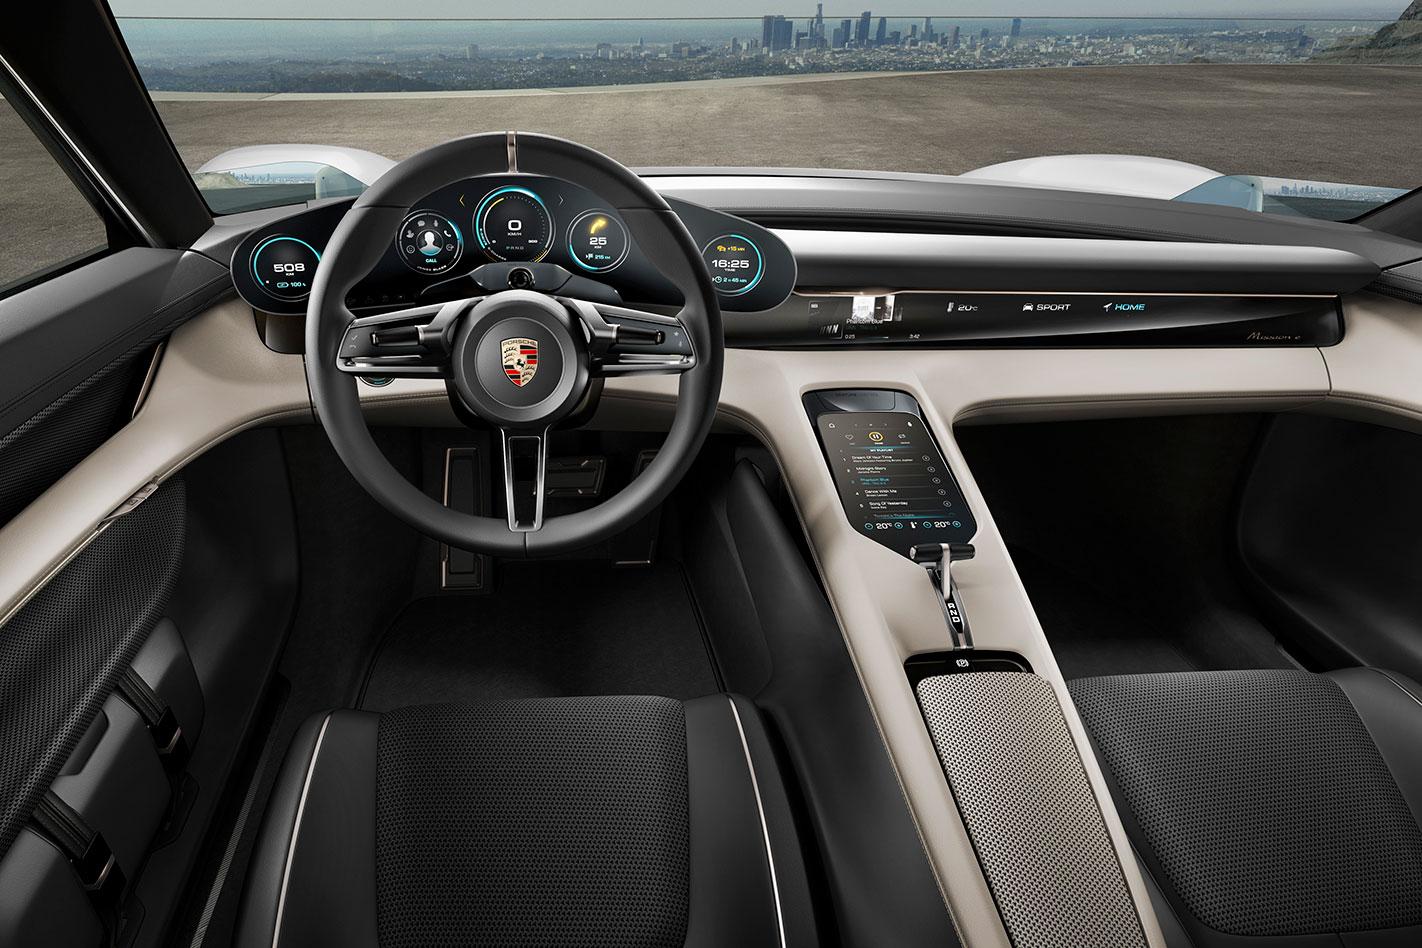 Porsche -Mission -E-interior